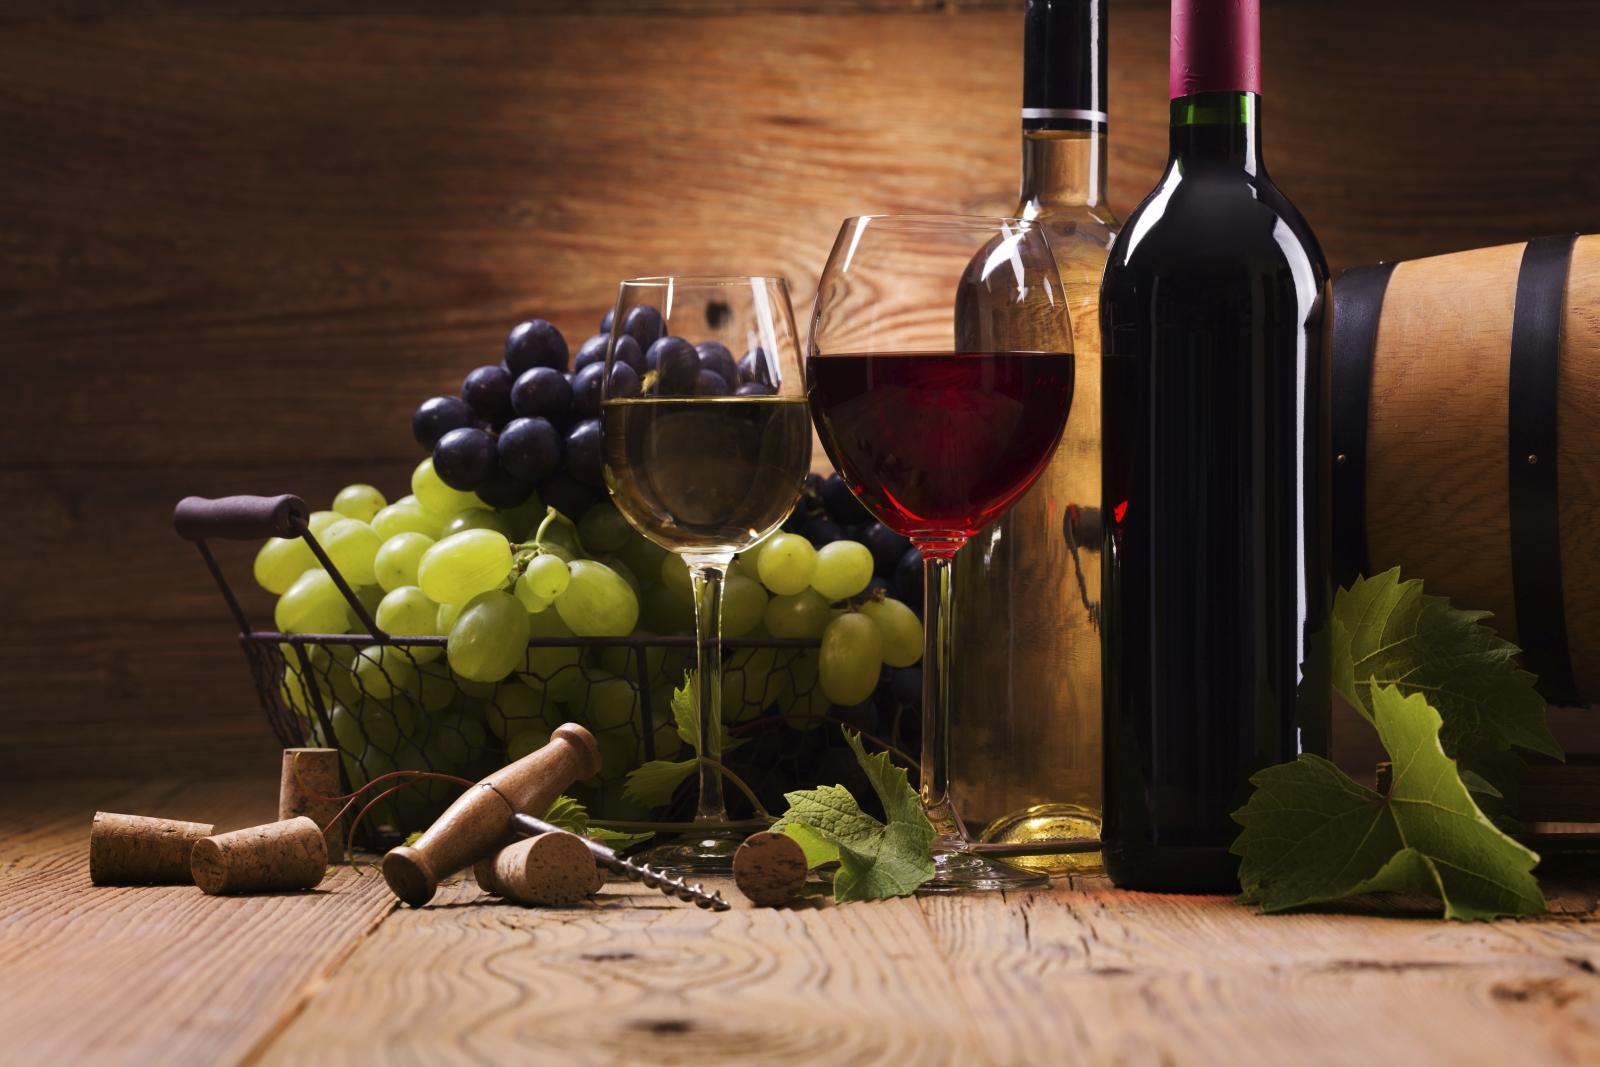 Weinevent am 27.03.2020 in unserem Markt in Siegburg